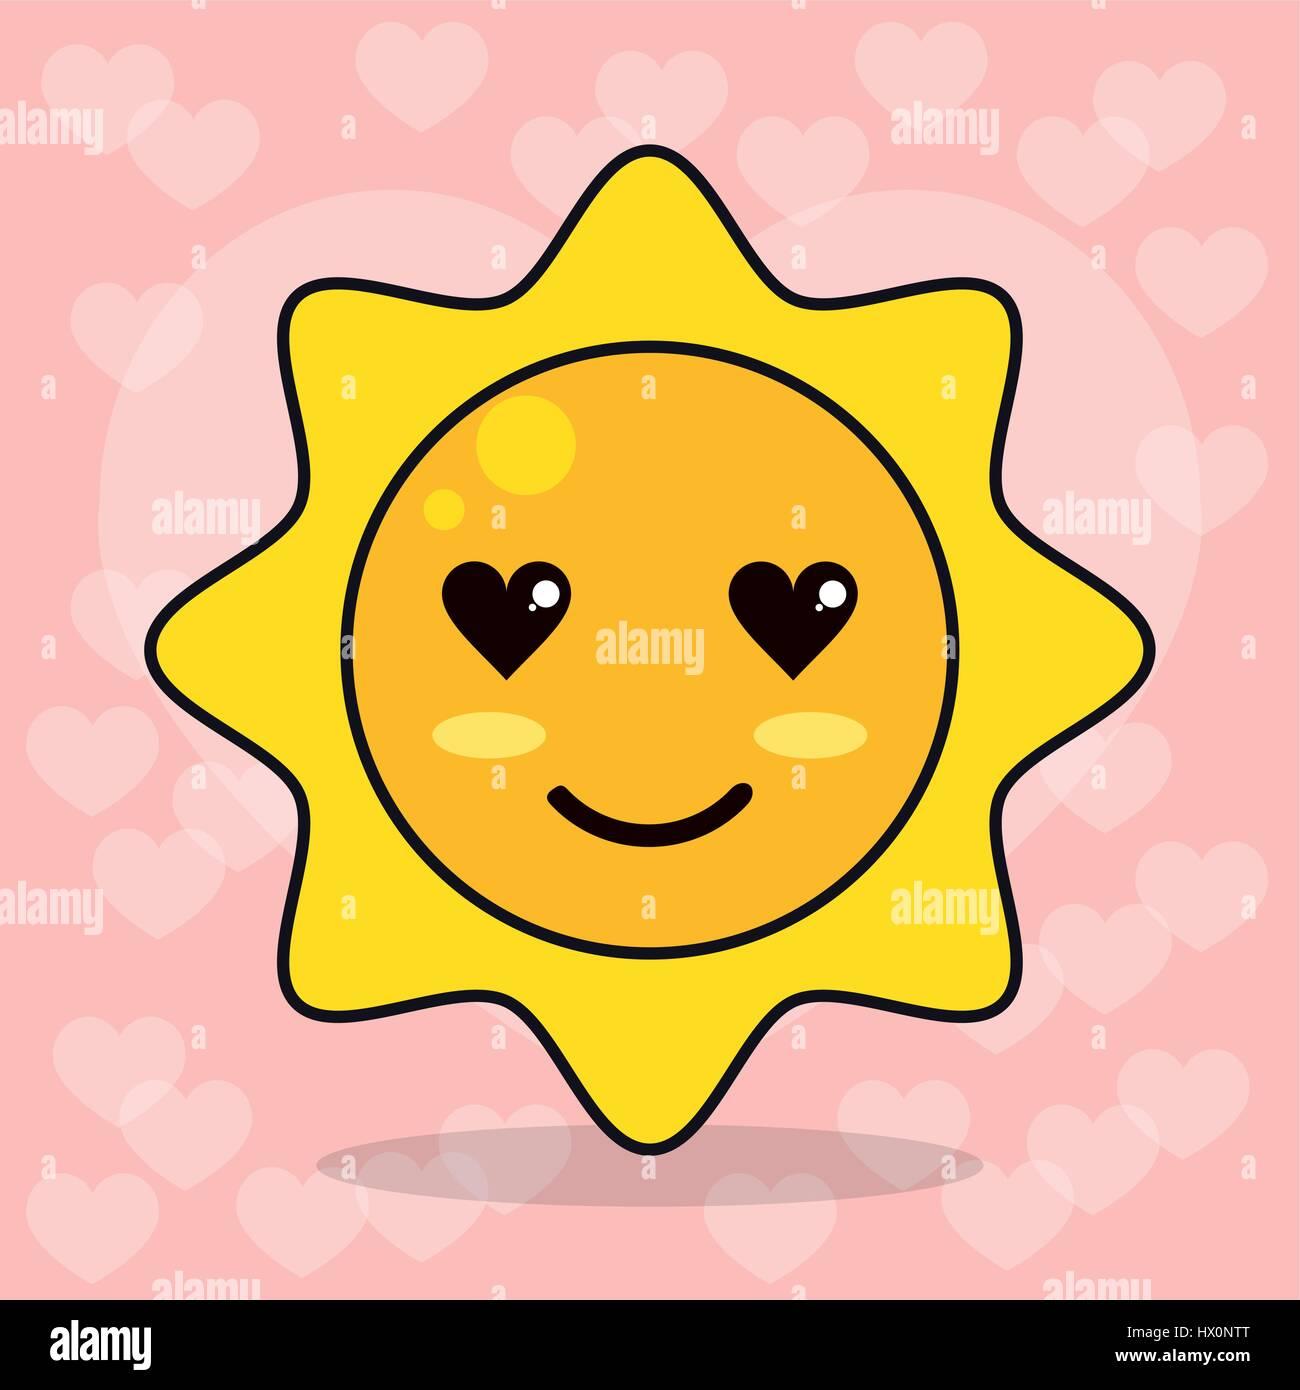 Les Yeux D Amour Soleil Emoticone Image Vectorielle Stock Alamy